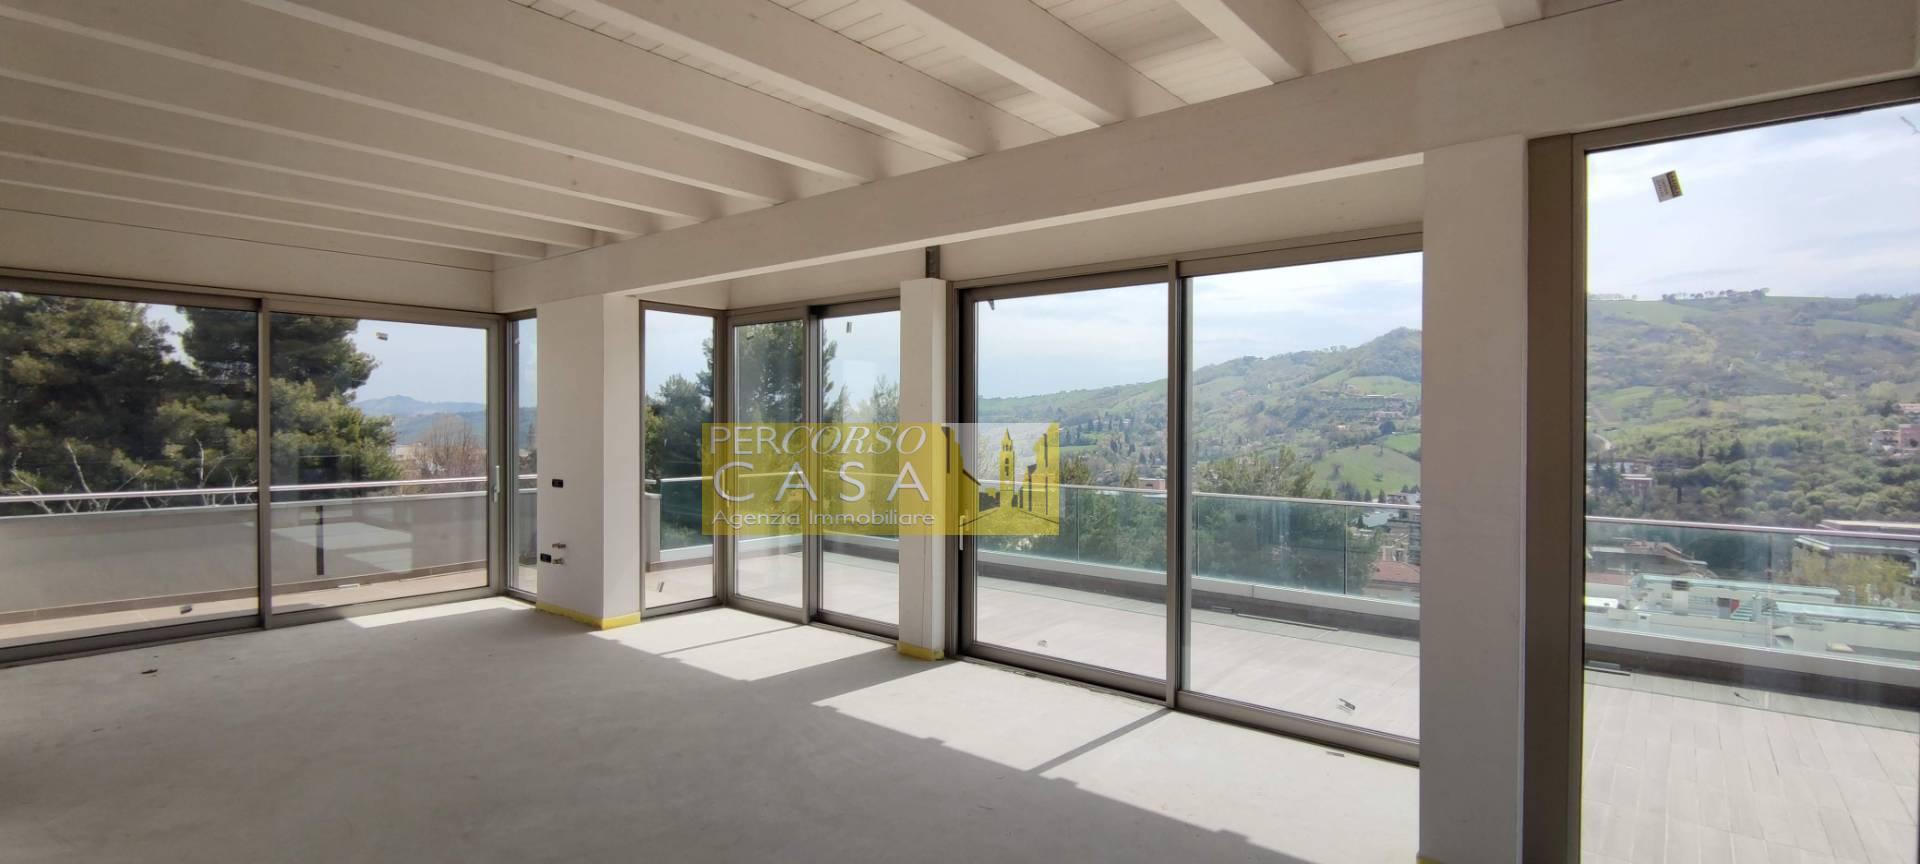 nuove costruzioni in vendita a Teramo Pag. 5 - Cambiocasa.it